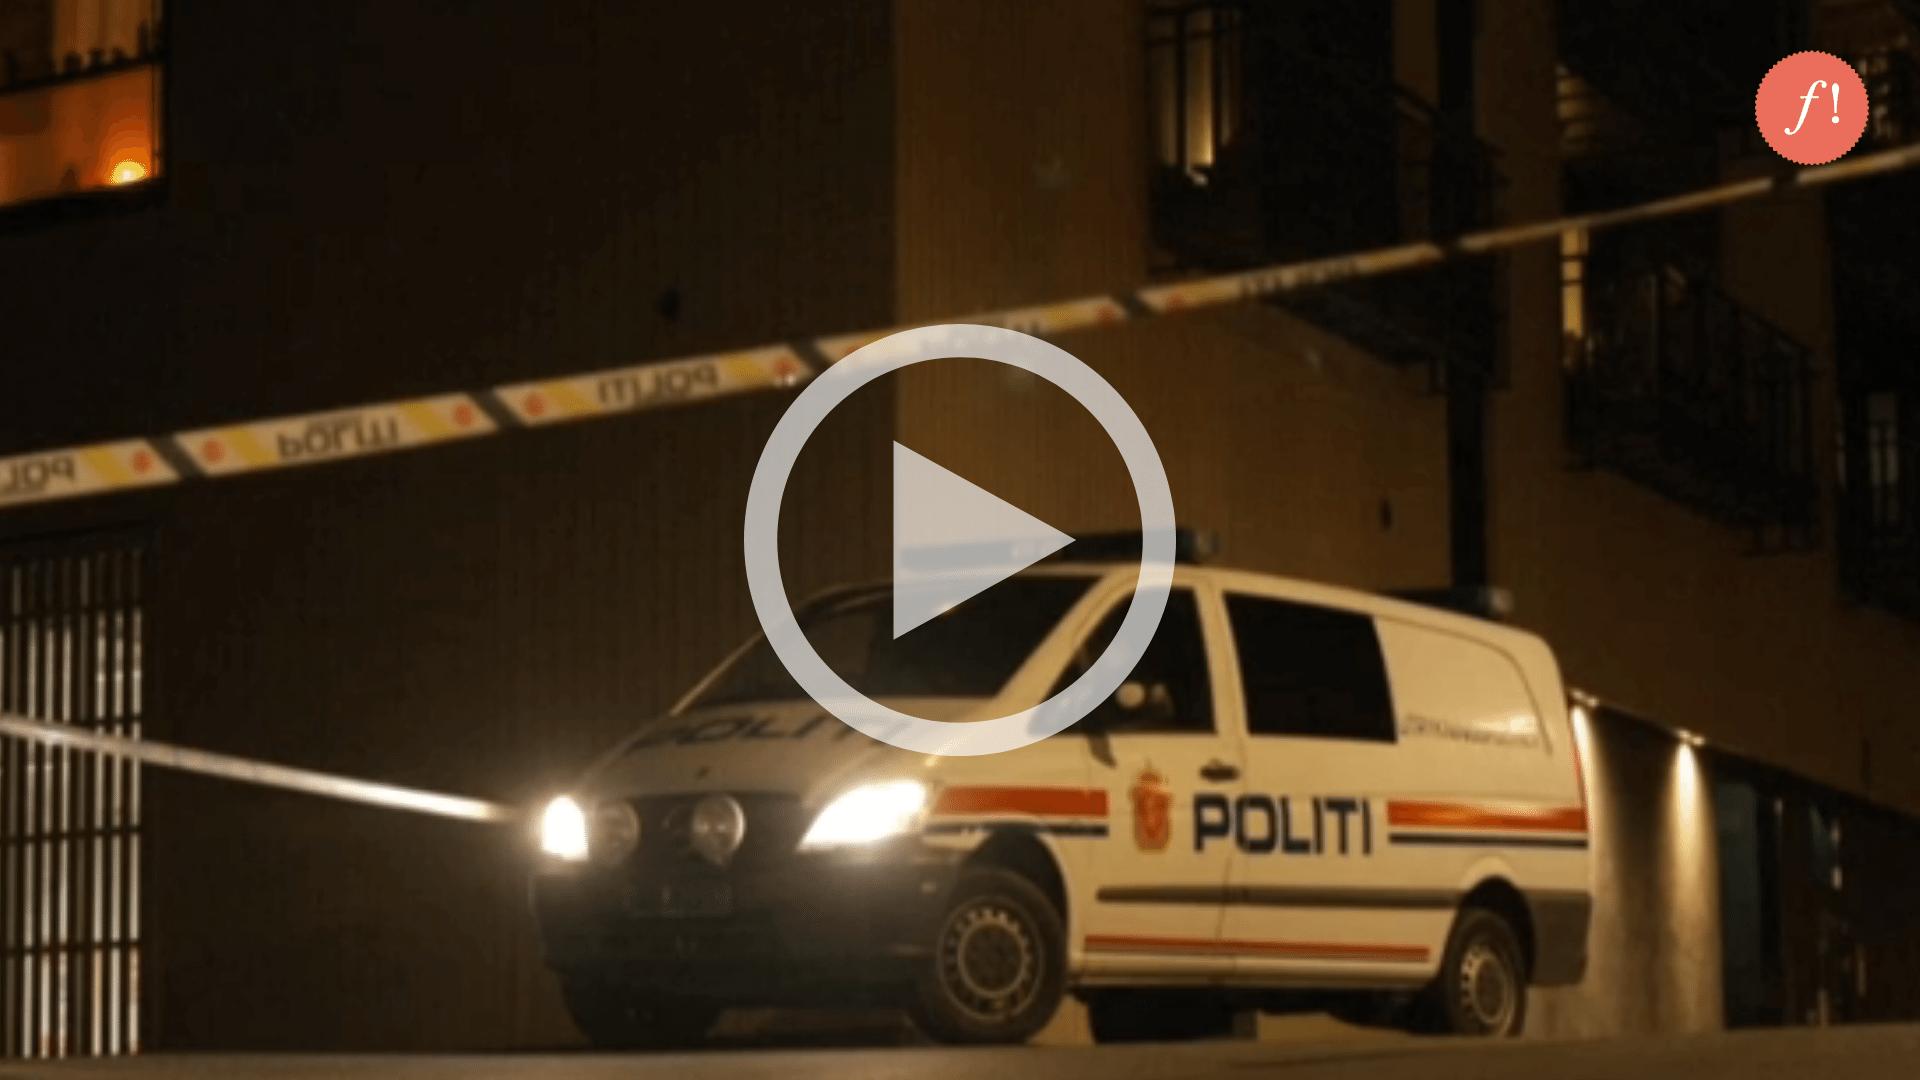 Norvegia, armato di arco e frecce ha ucciso cinque persone. Il video